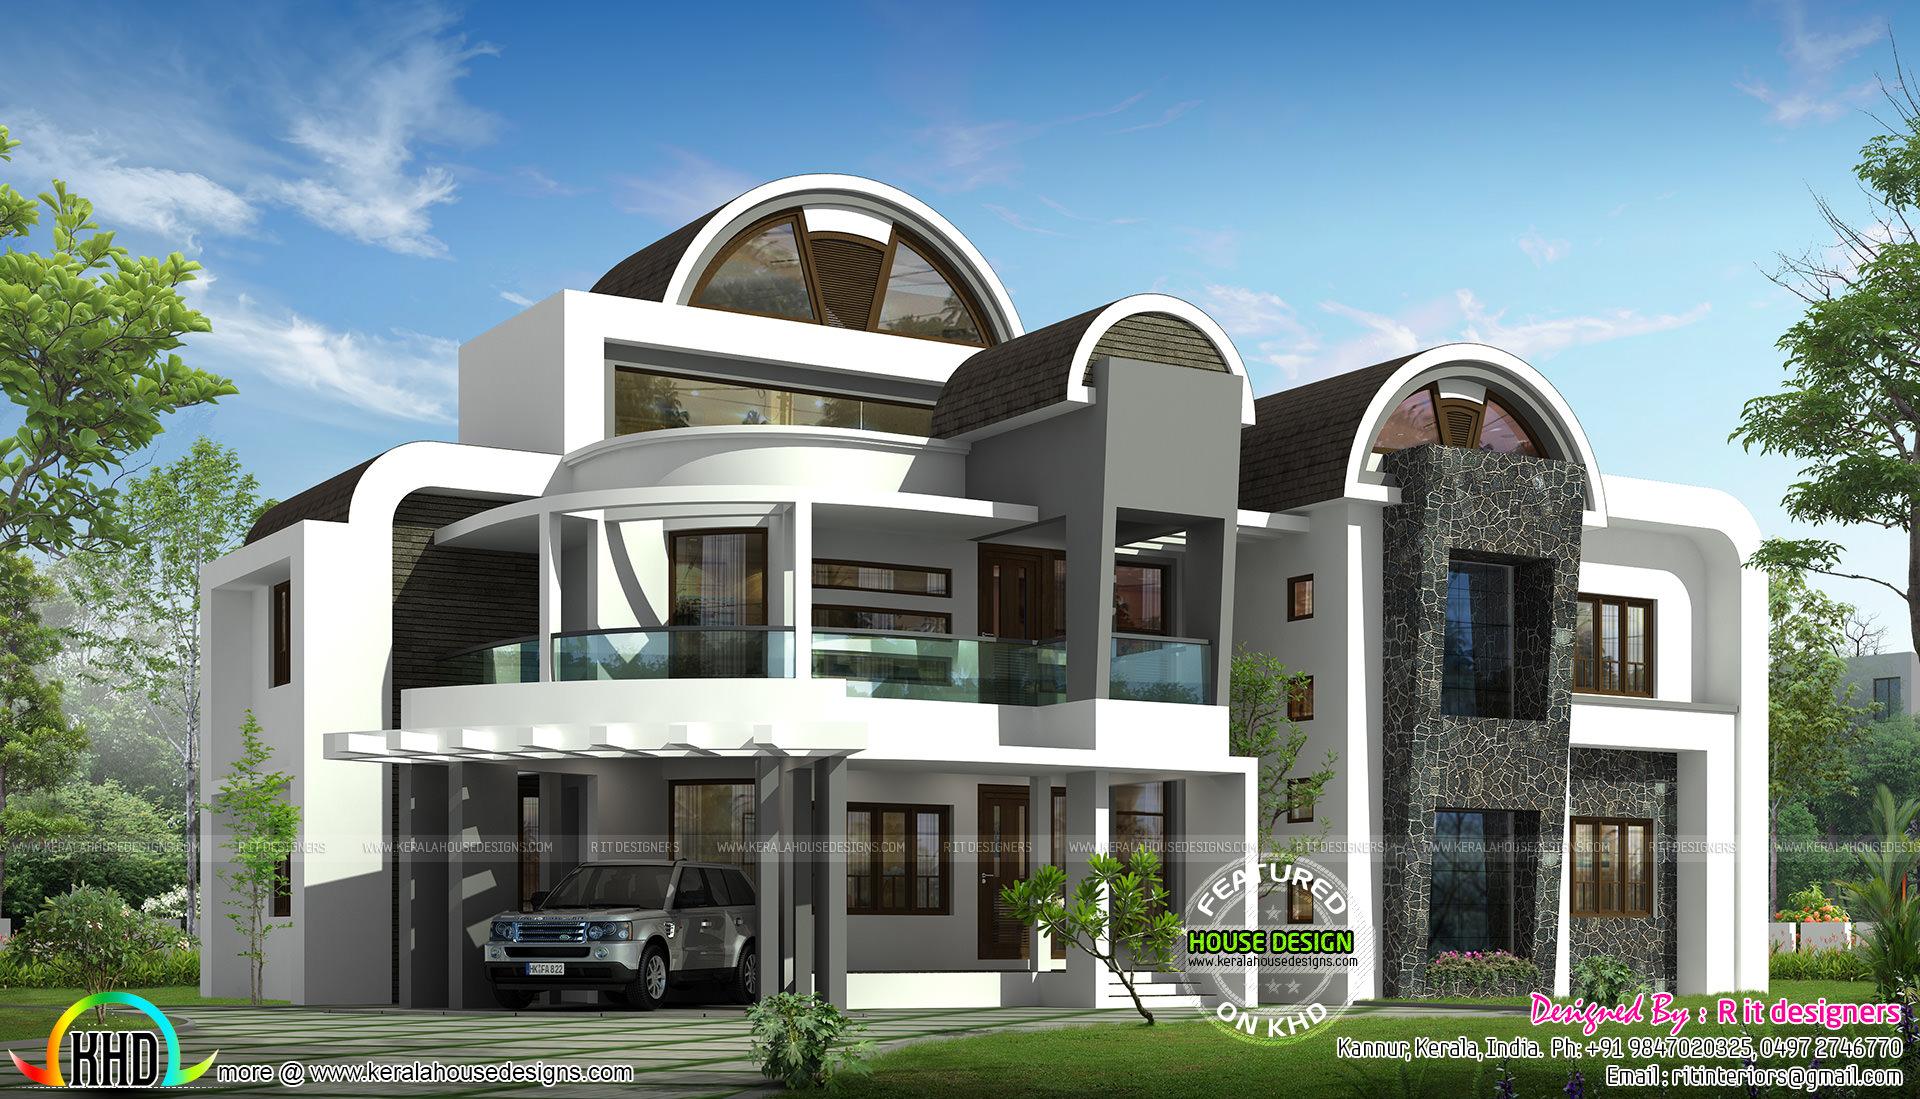 Half round roof unique house design